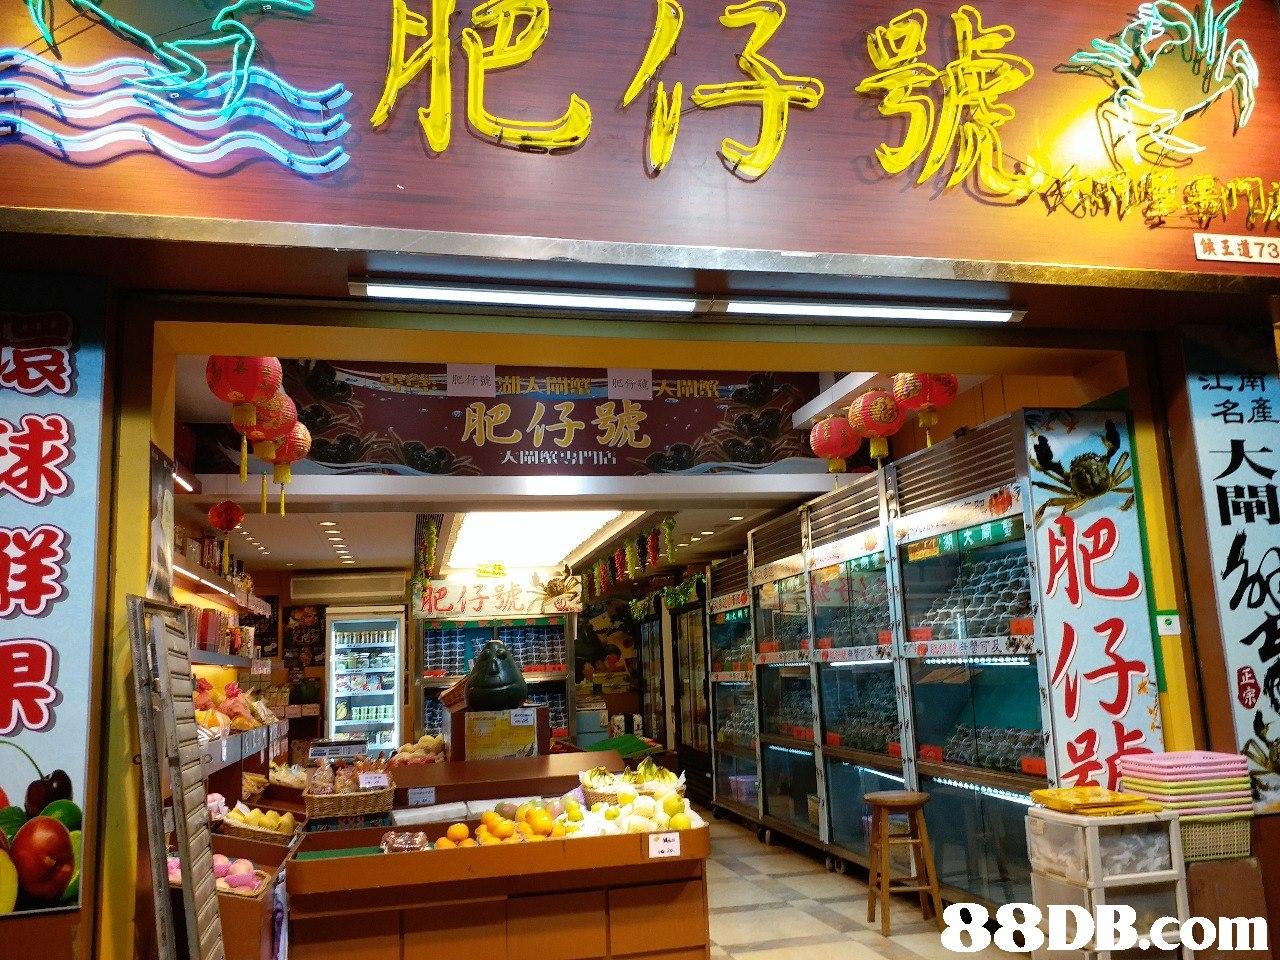 肥仔號 候王道73 肥仔 名產 肥仔號   fast food,convenience store,fast food restaurant,convenience food,cuisine